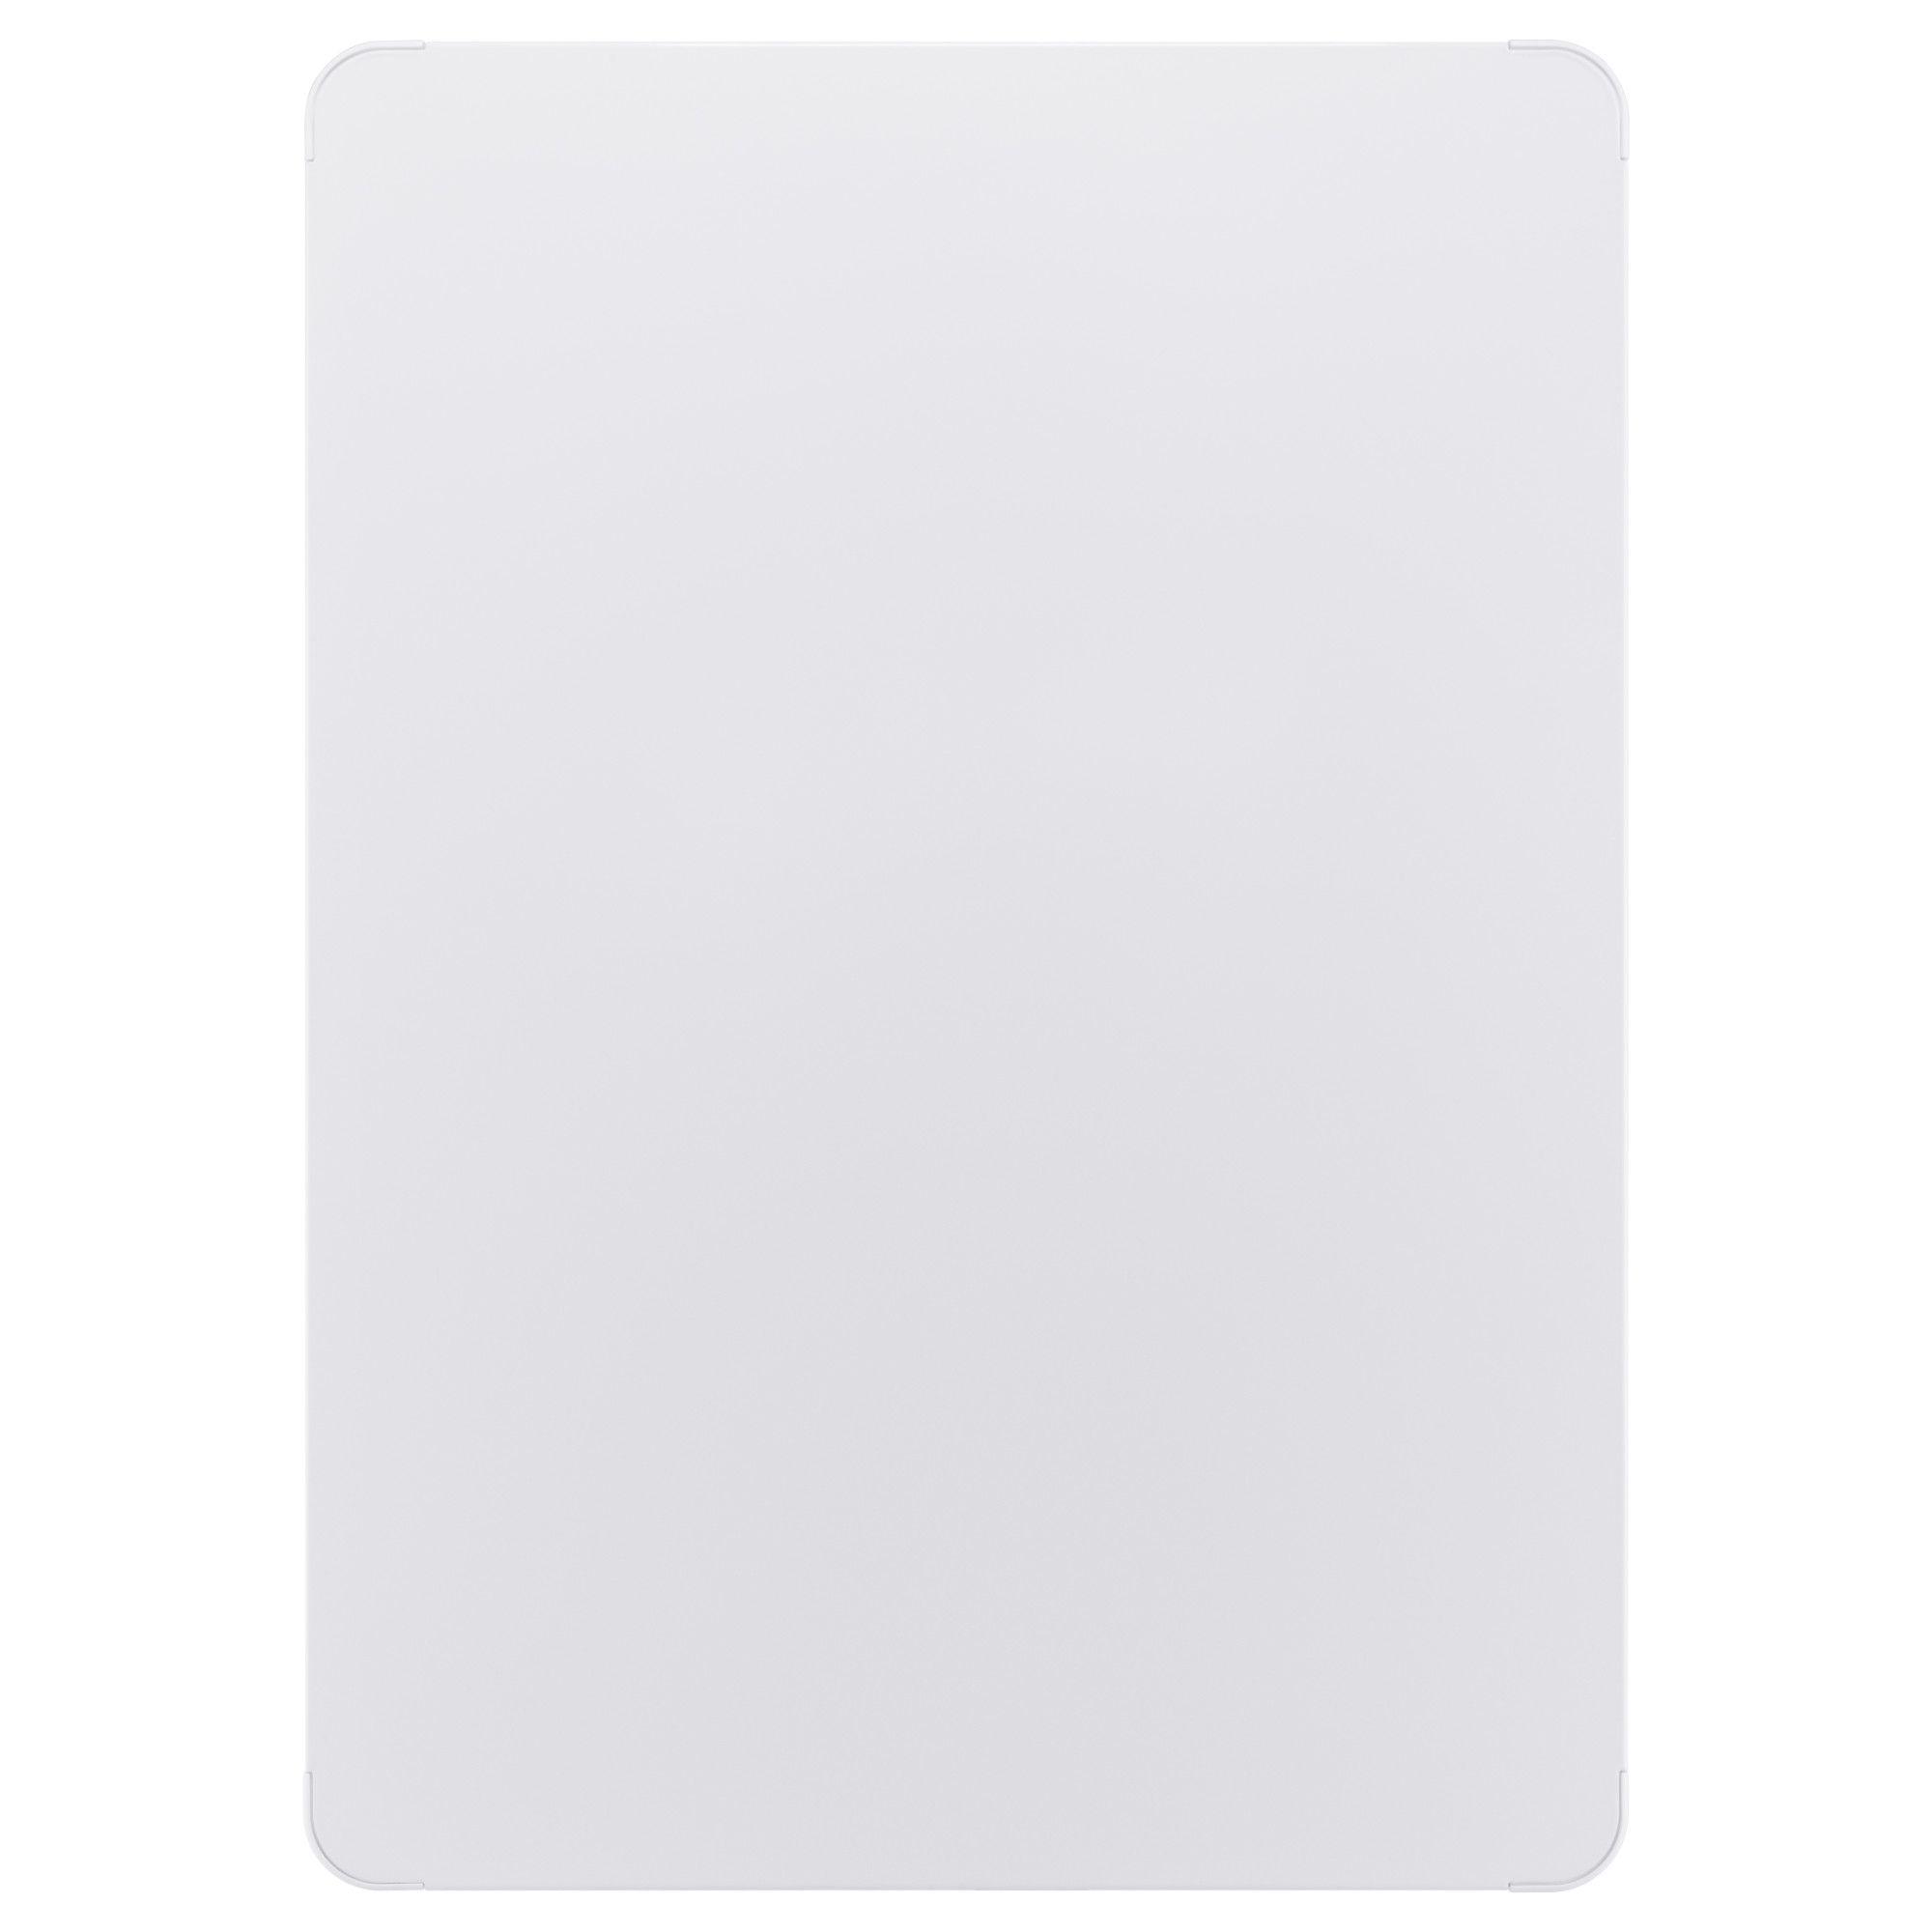 Whiteboard Ikea vemund whiteboard magnetic board white 70x50 cm whiteboard